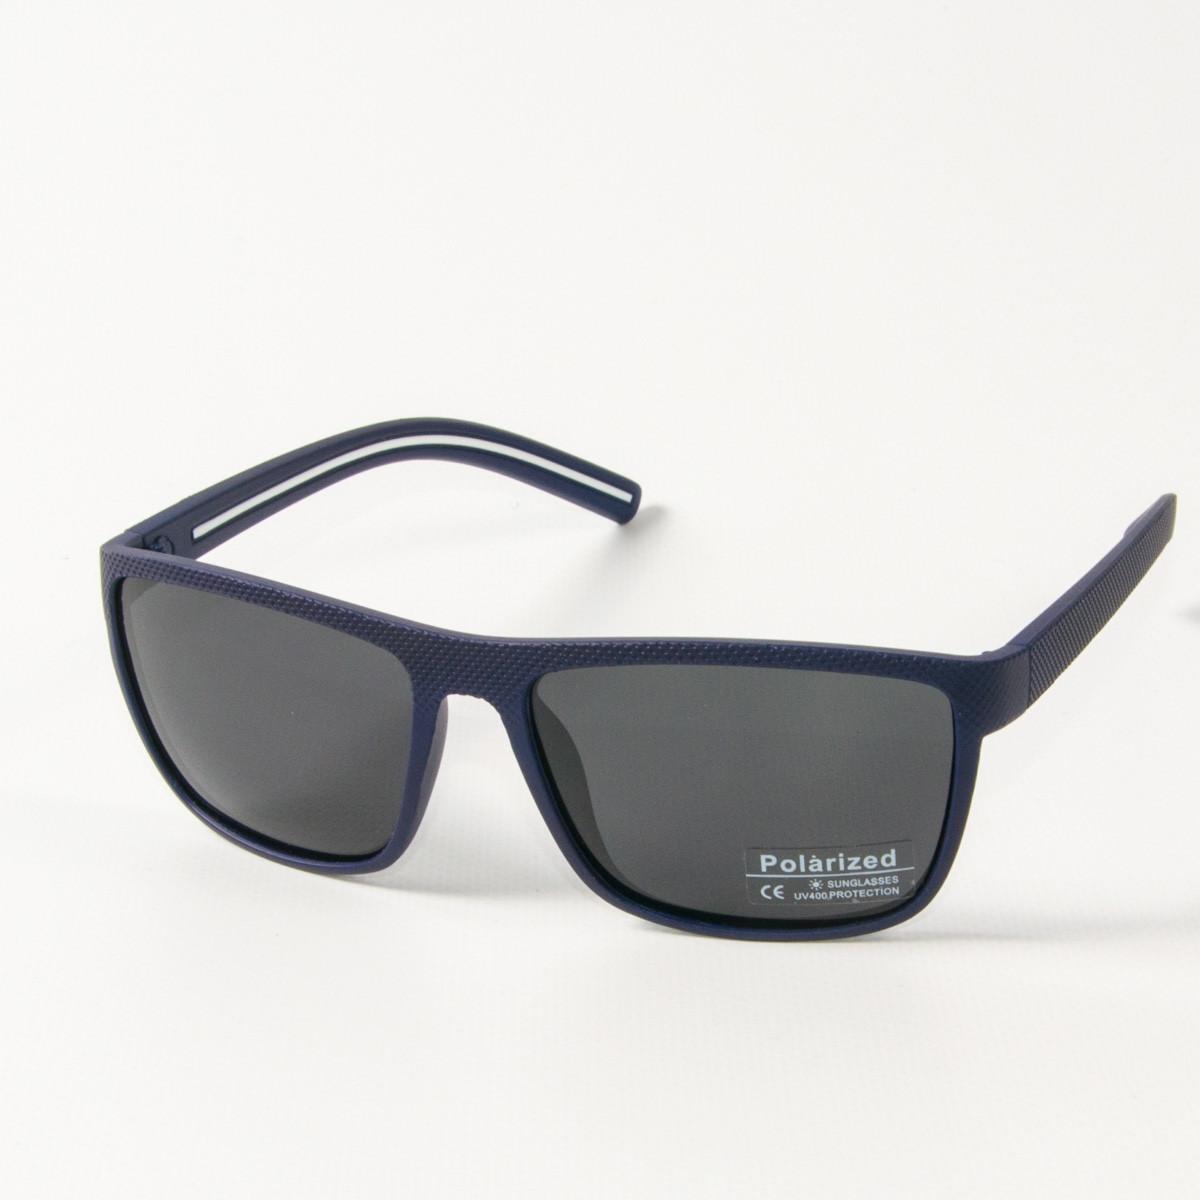 Оптом поляризационные  спортивные мужские солнцезащитные  очки  (арт. P76050/1) черно-синие